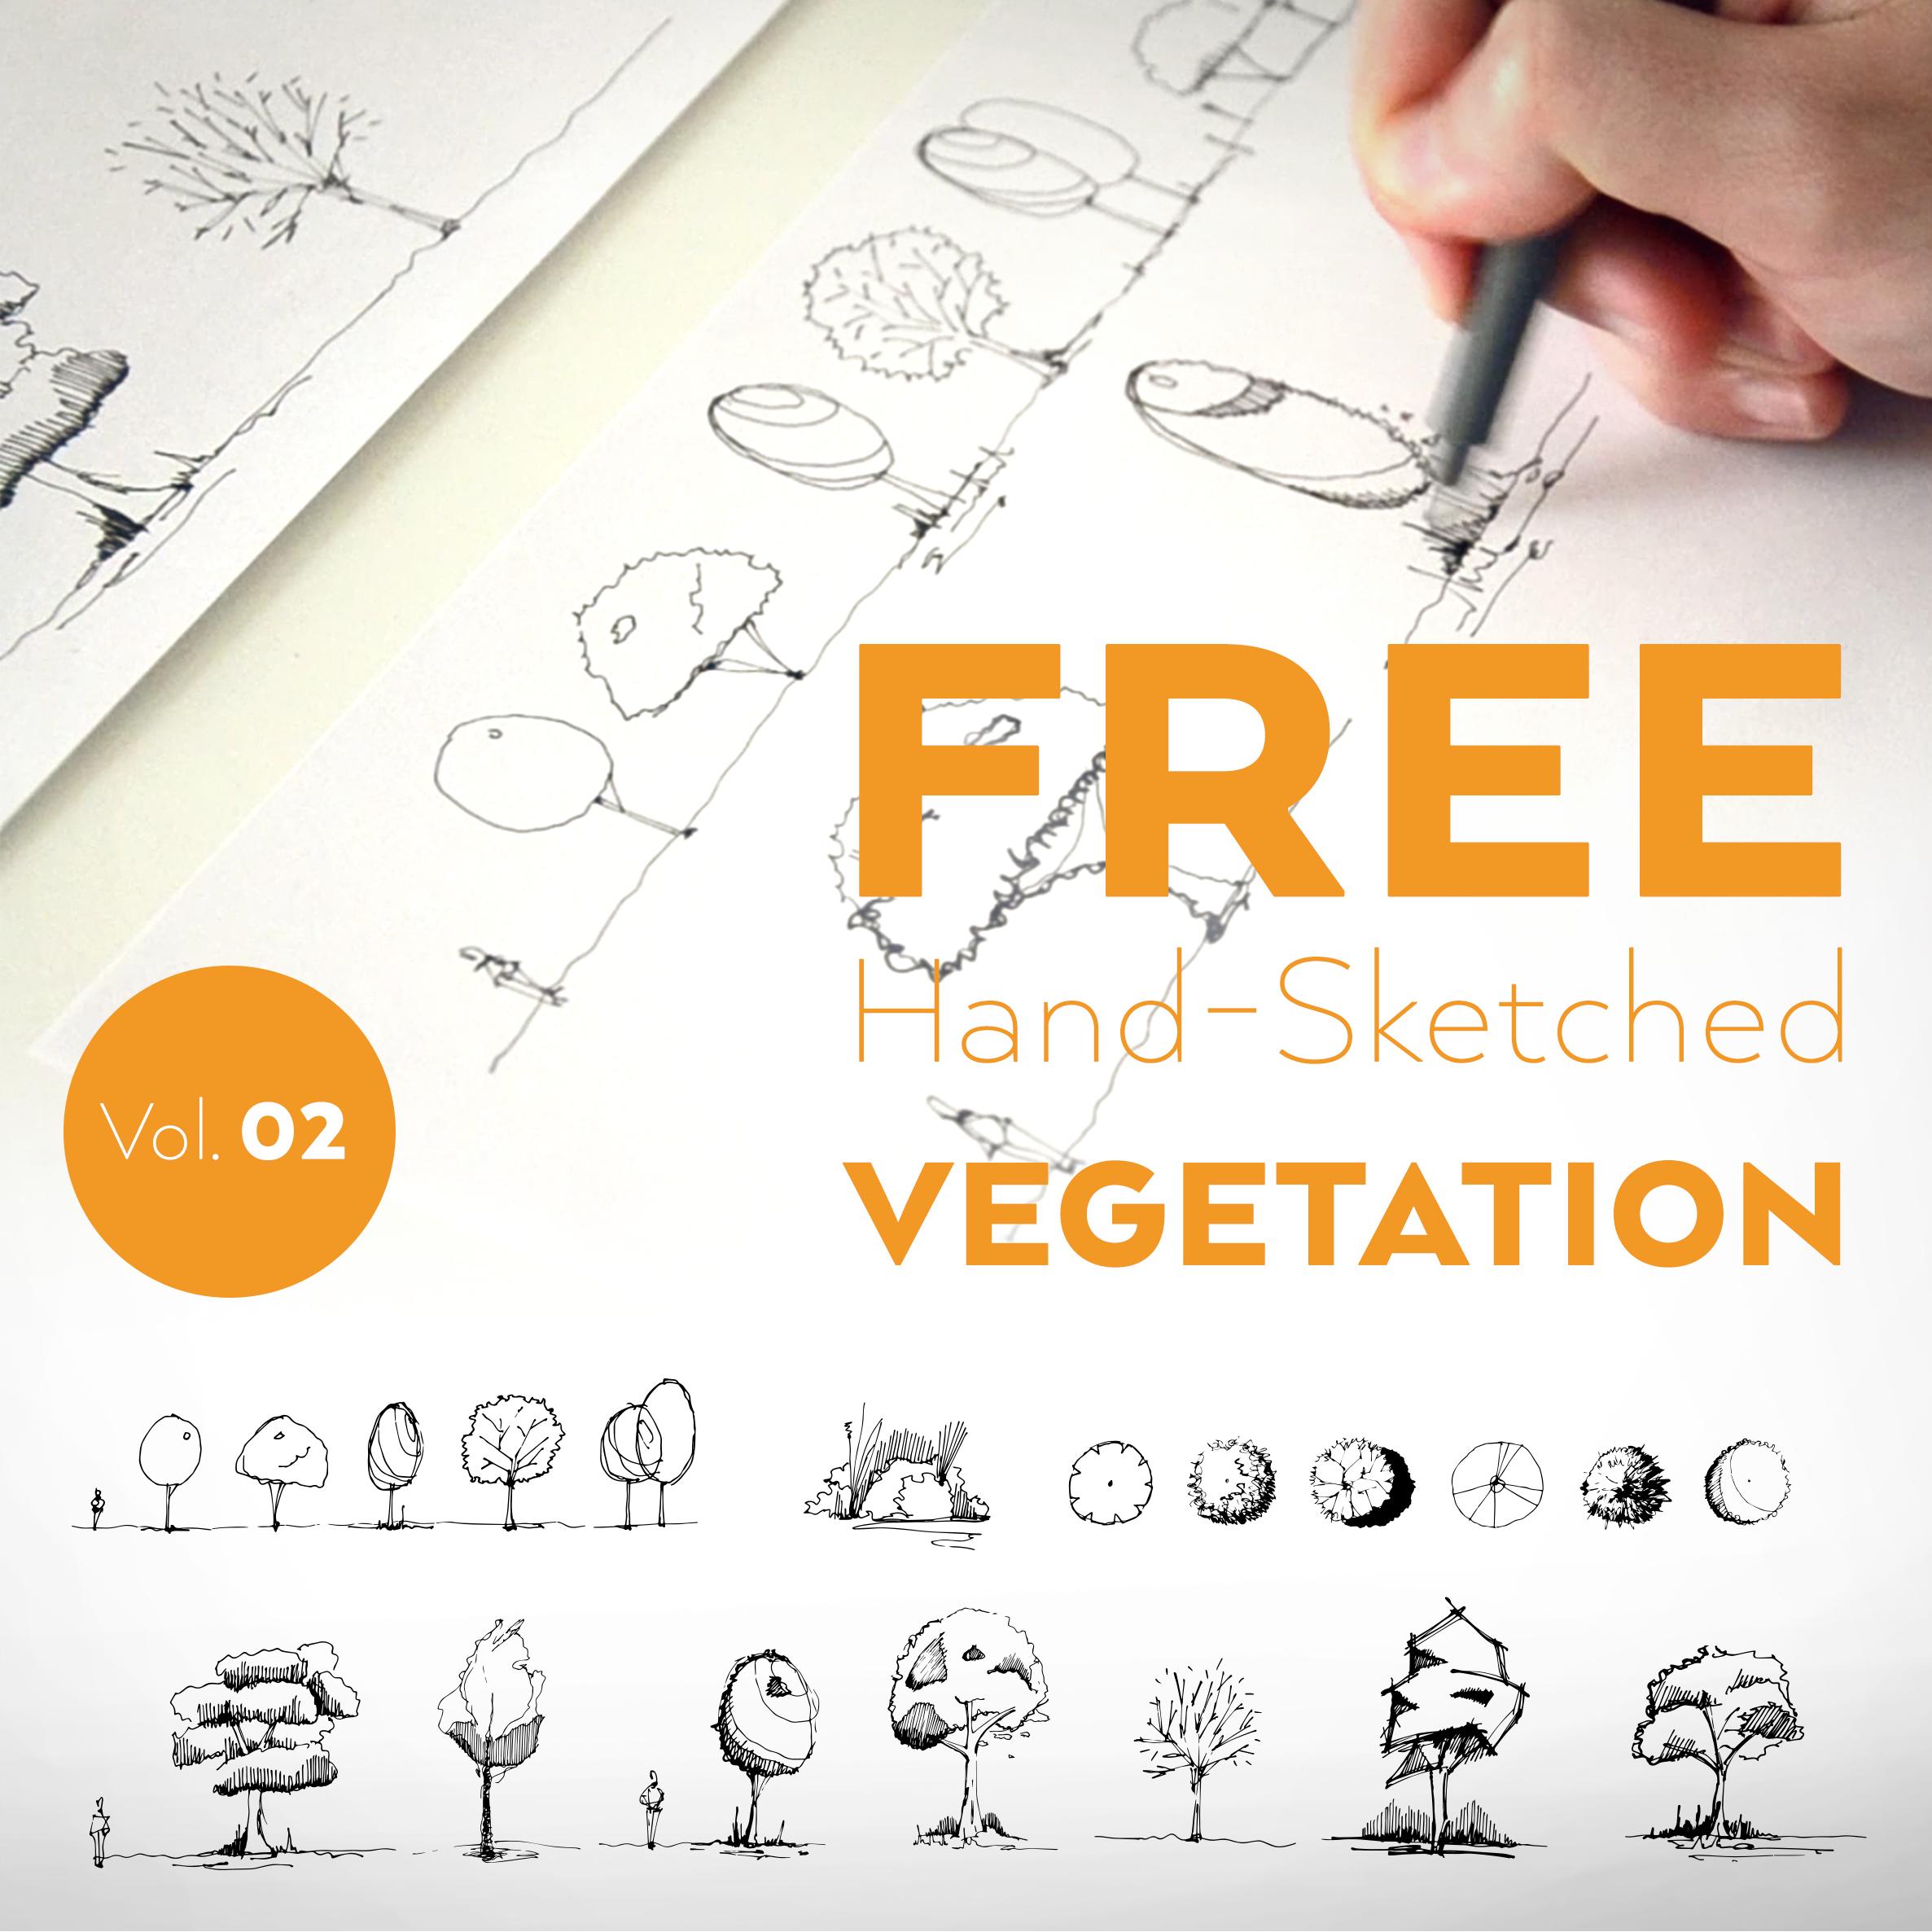 Vegetation_vol02_Cover.jpg